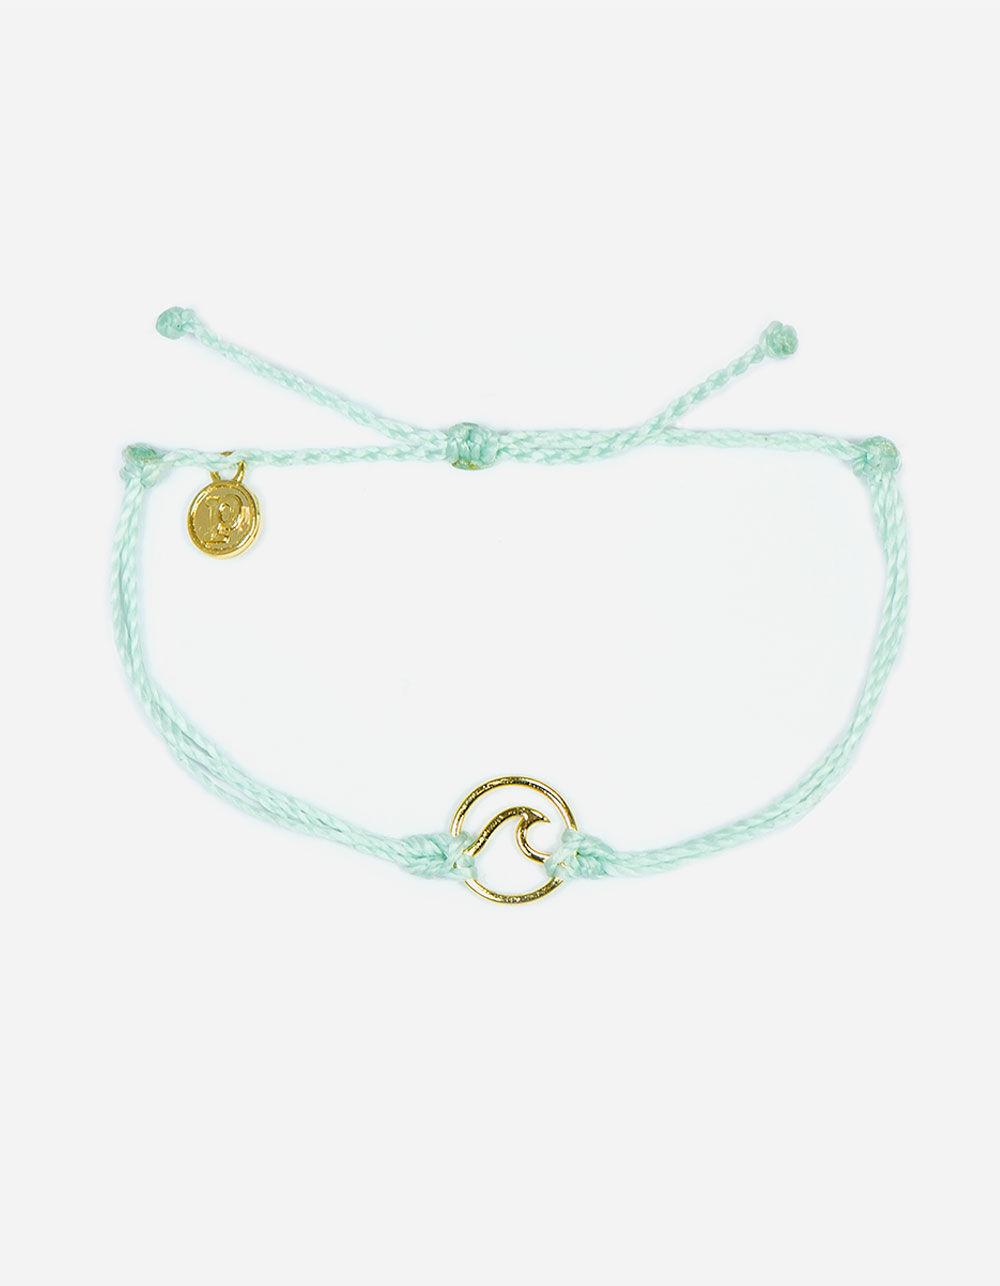 PURA VIDA Wave Seafoam & Gold Bracelet